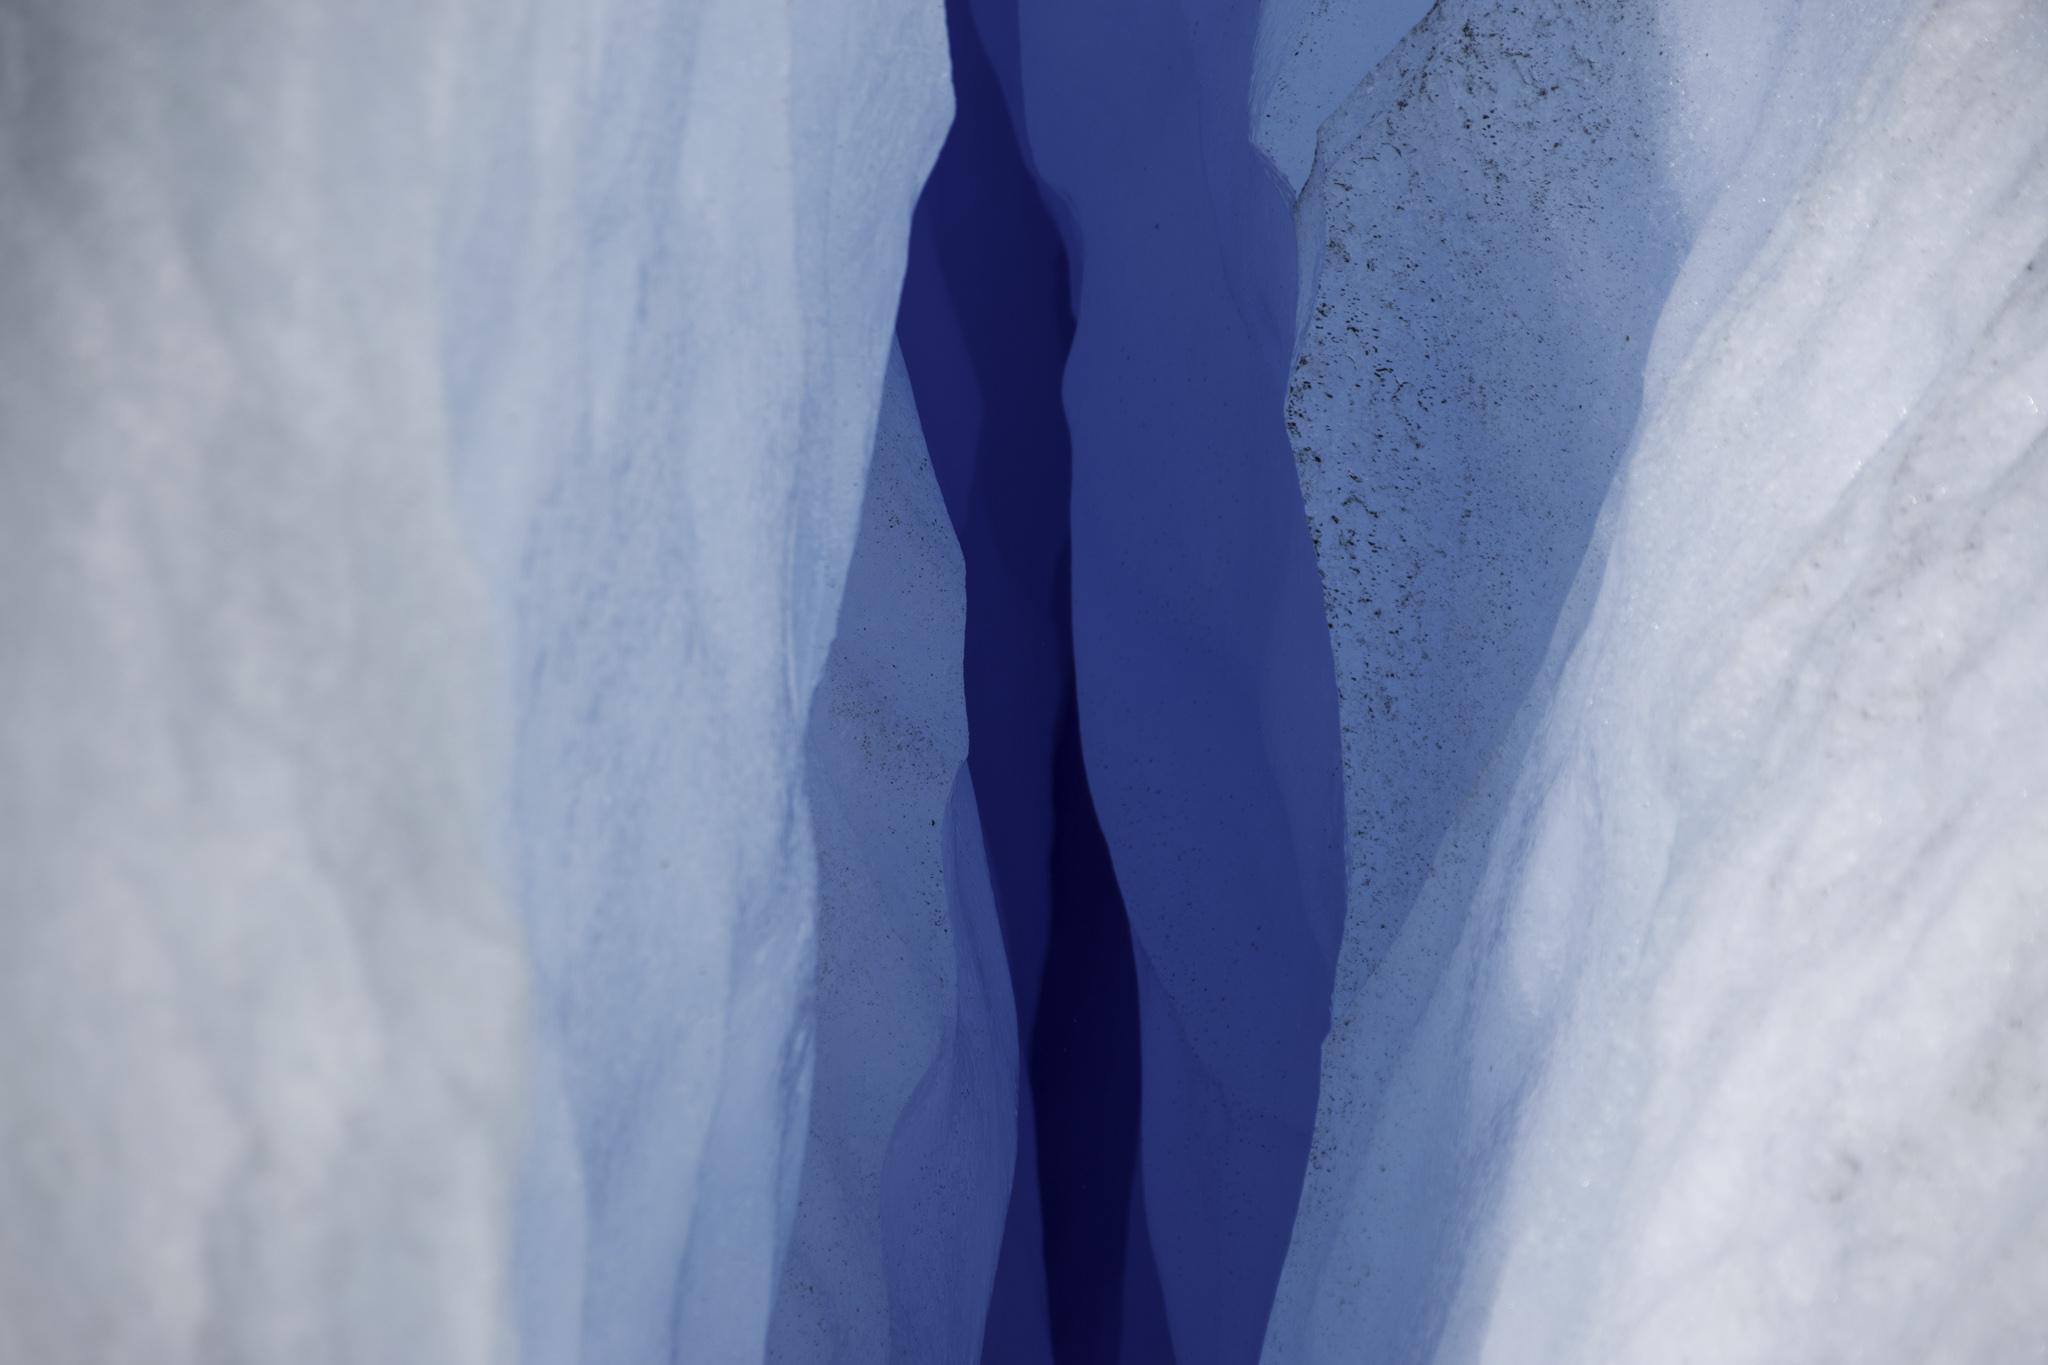 Beeindruckende Gletscherspalte